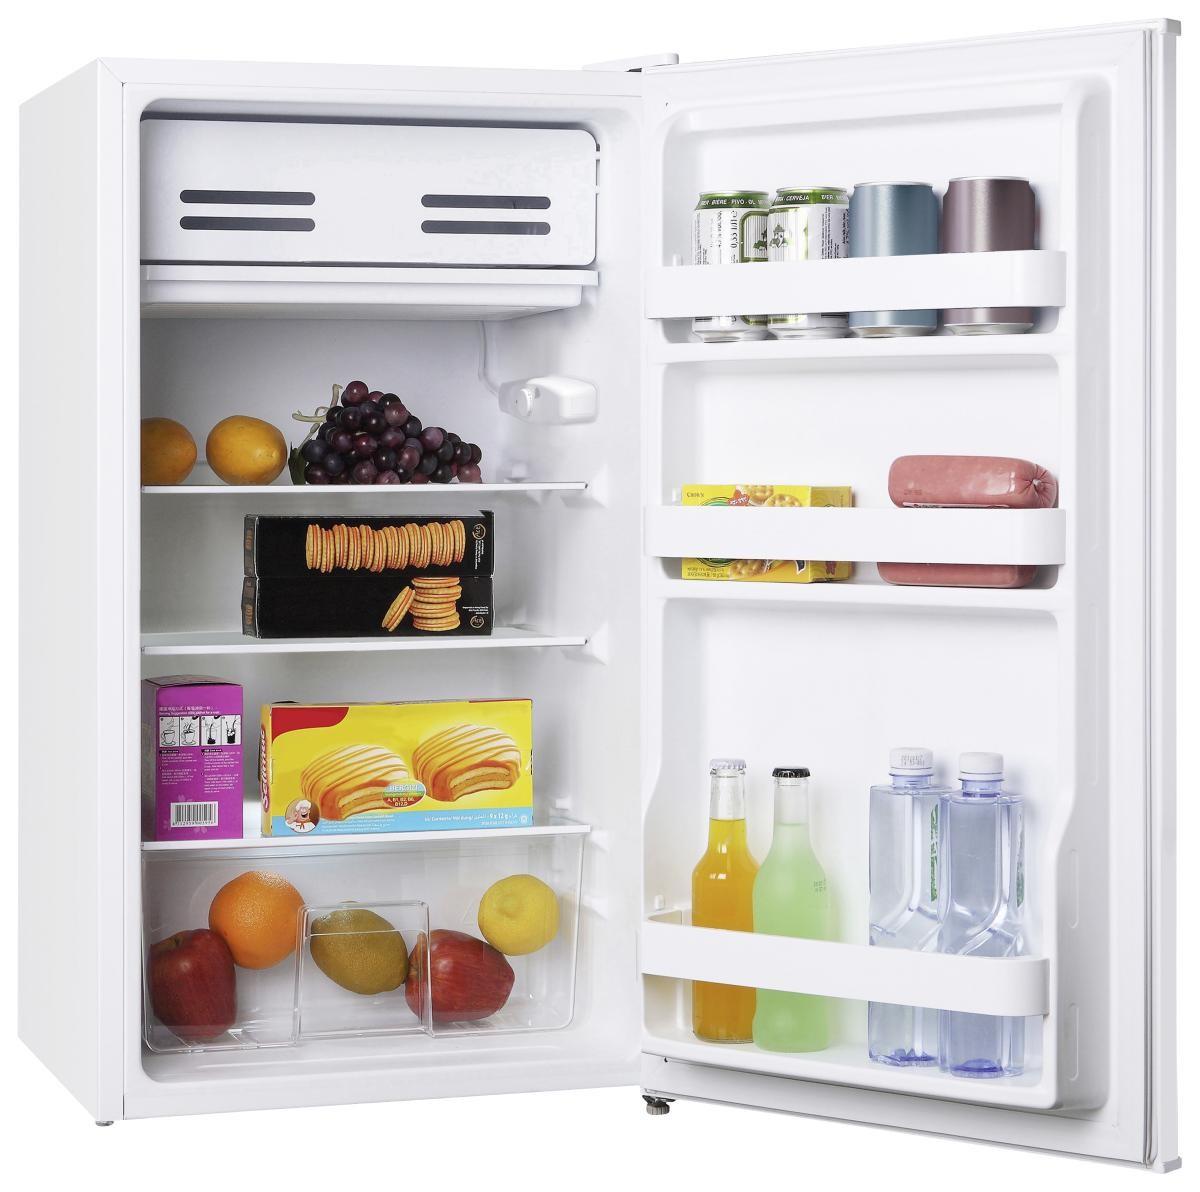 Kleiner Kühlschrank kleiner Preis